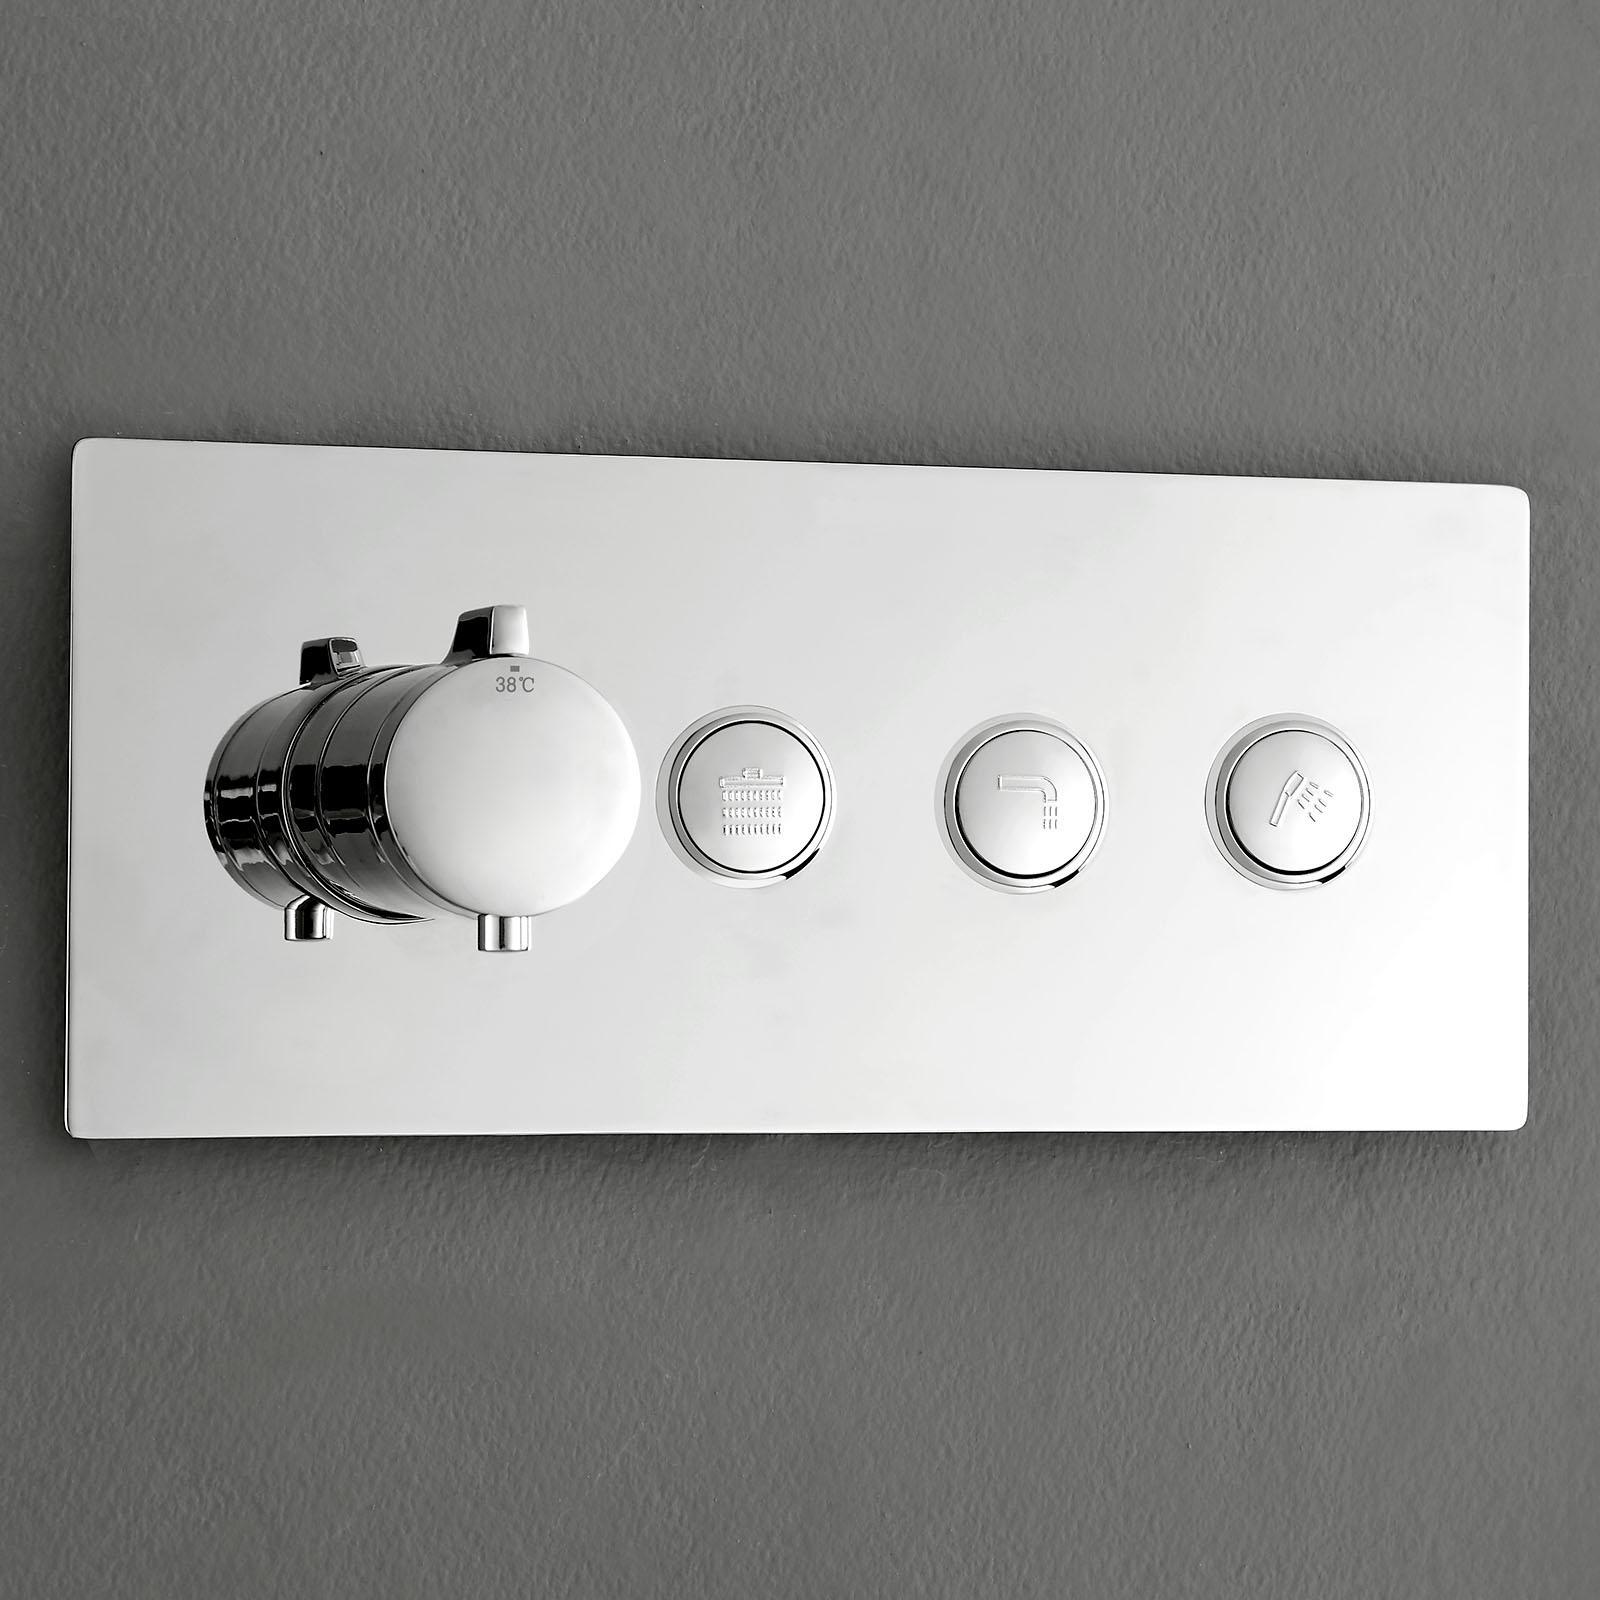 Hochwertige Thermostat-Unterputz-Duscharmatur NT7177 für 3 Verbraucher - inkl. Unterputz-Grundkörper